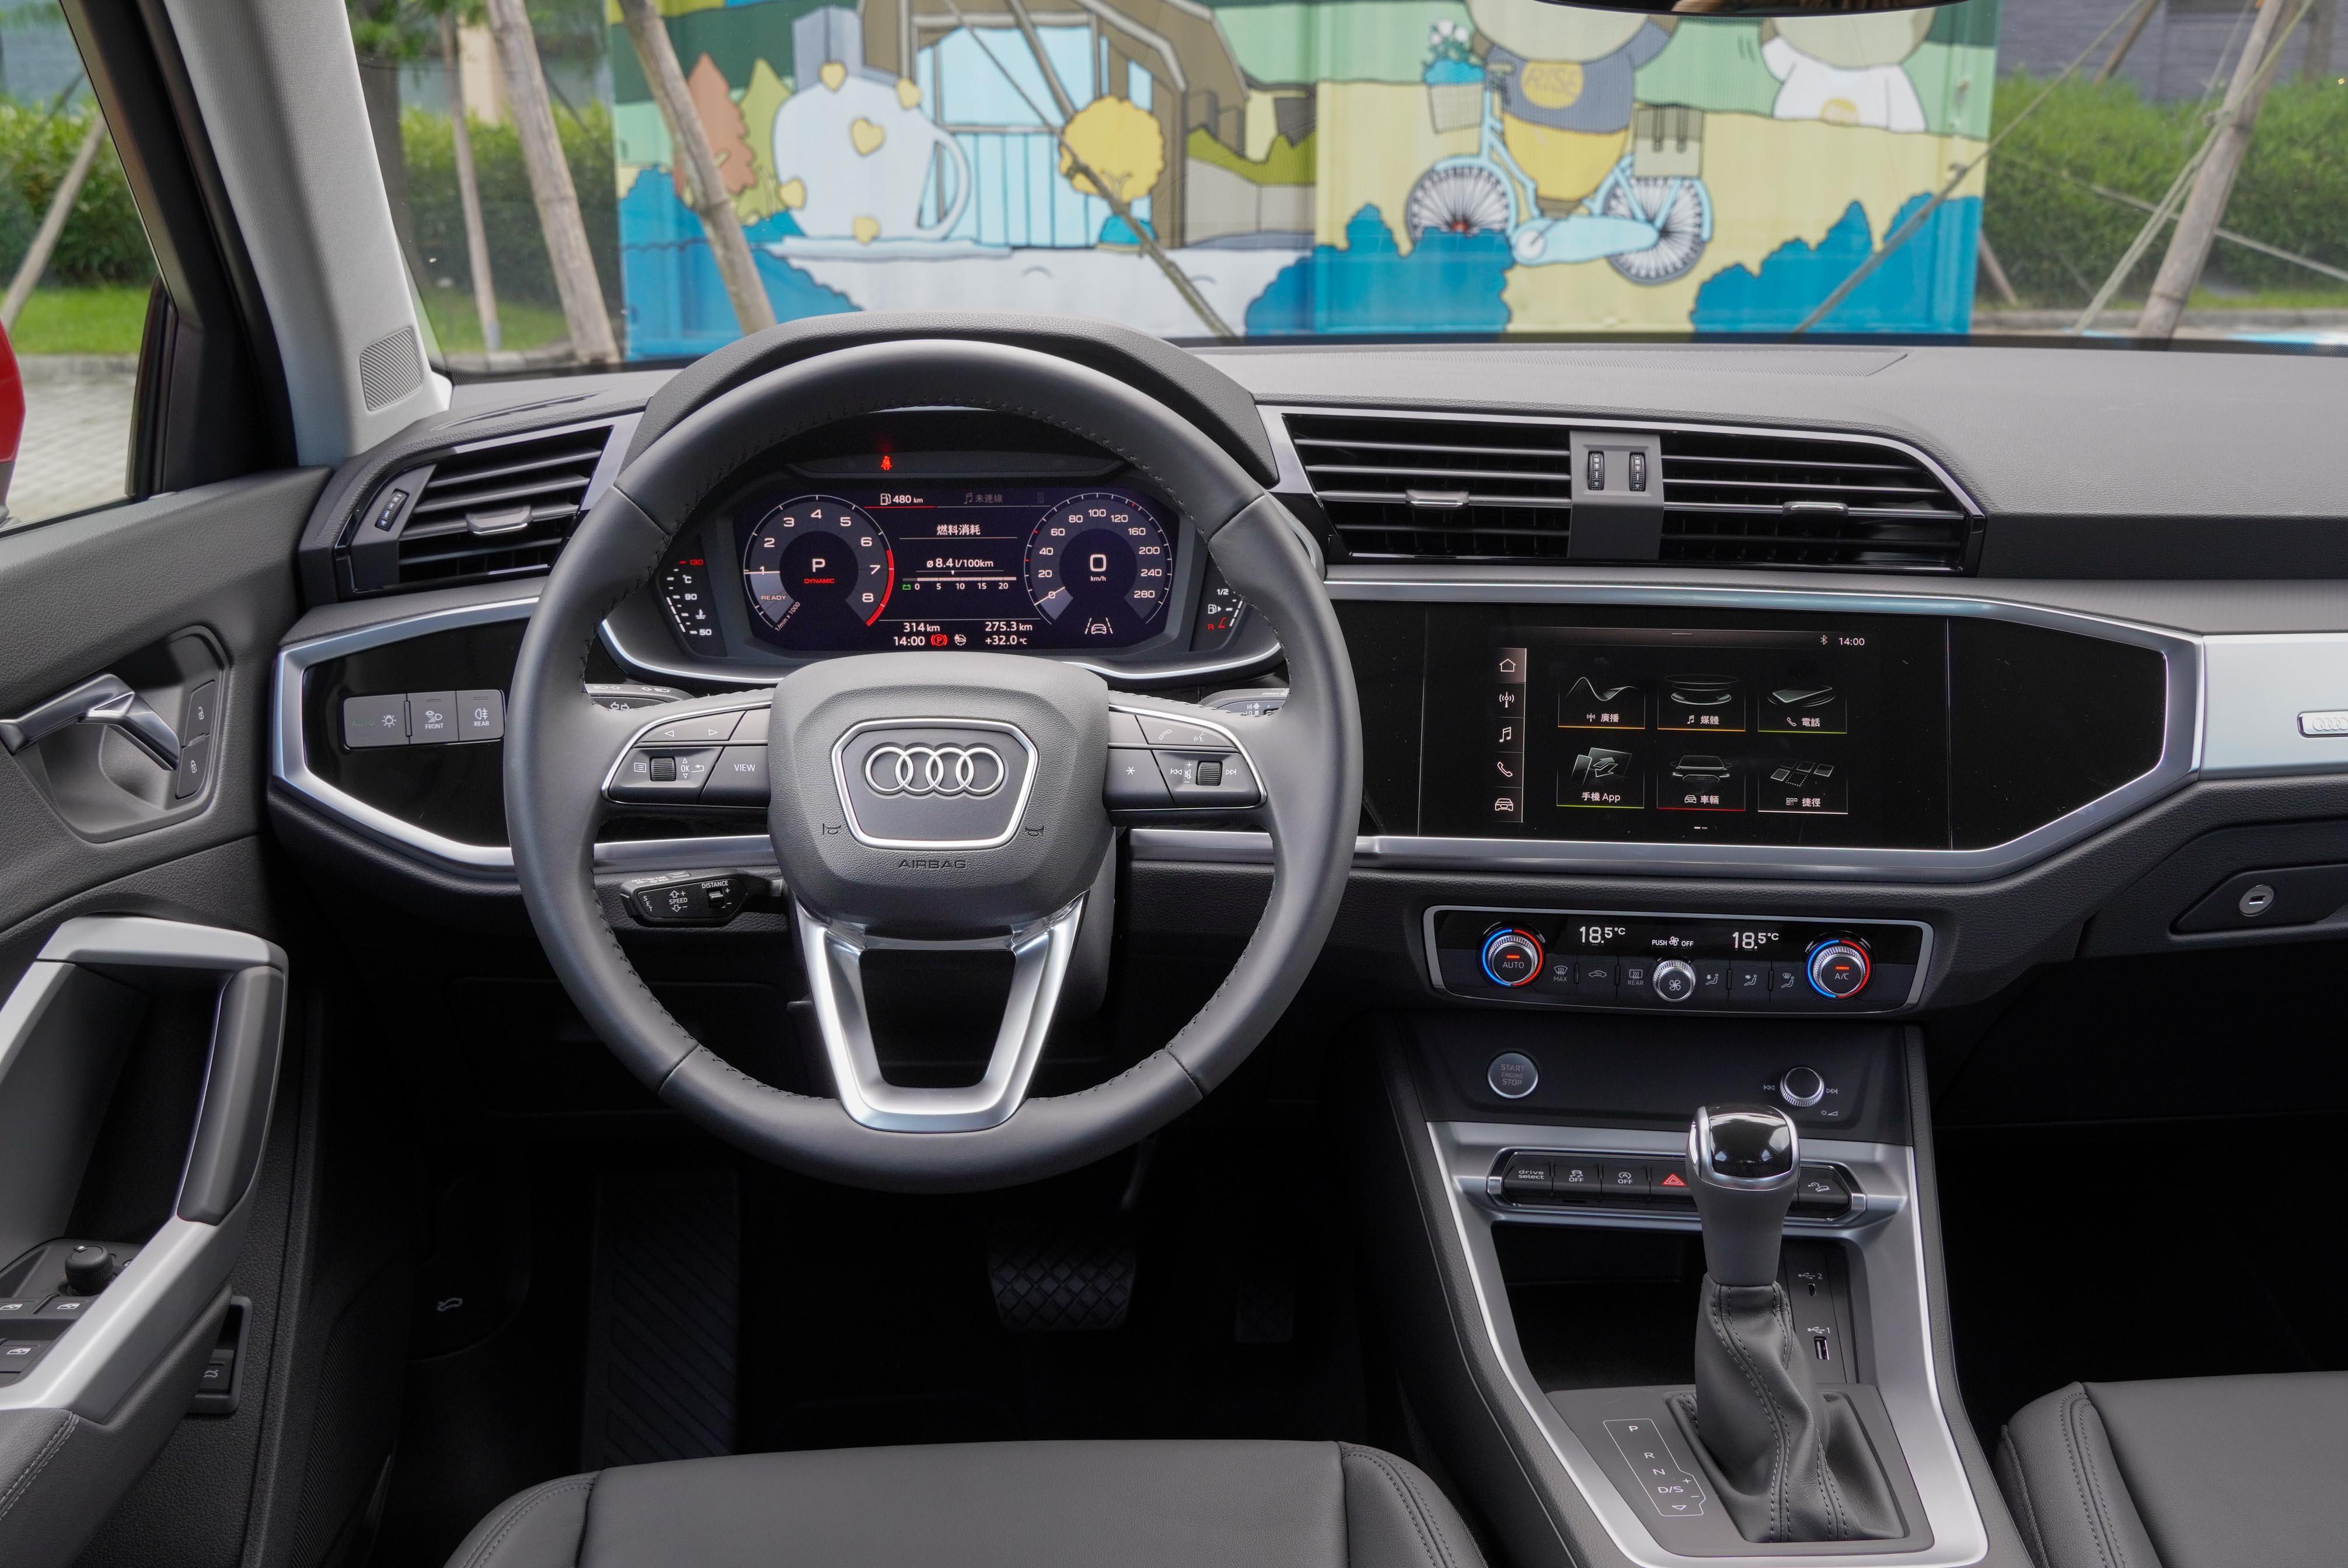 新一代 Audi Q3、Q3 Sportback 全面採用最新 Audi MMI 數位化車艙設計。